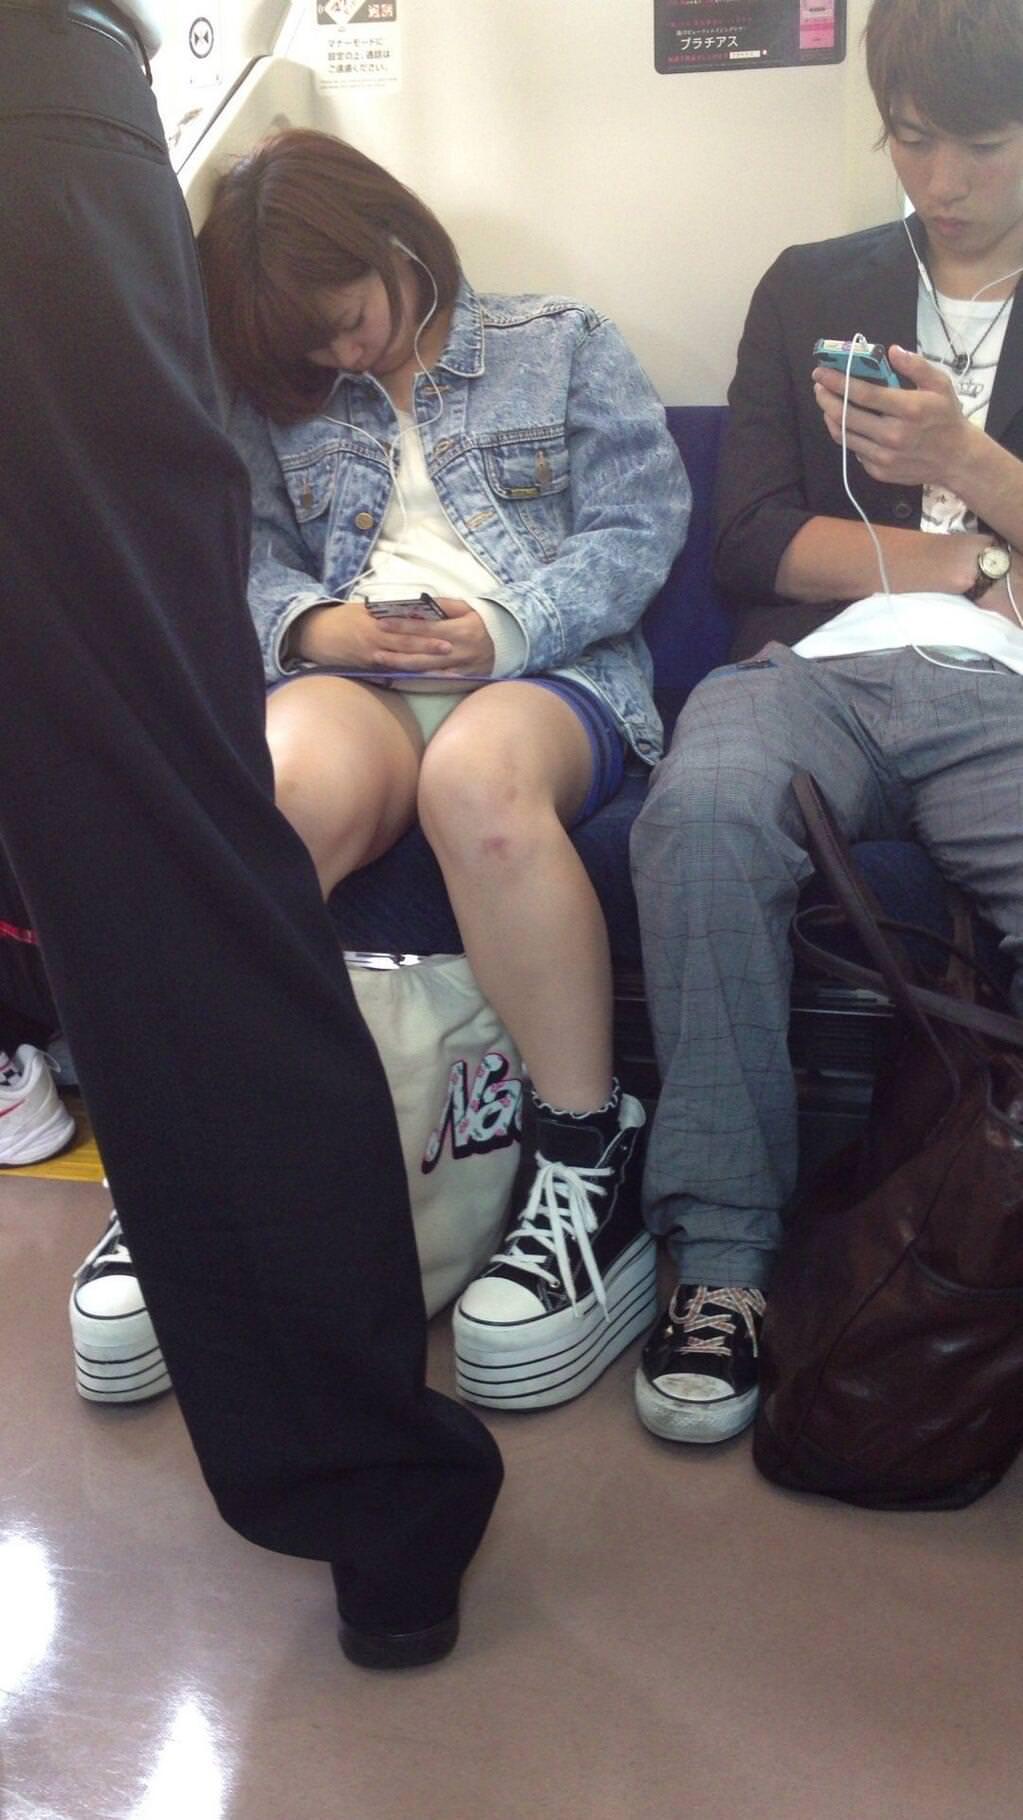 電車内って視線を低くするだけでパンチラ天国だろ!!!パンツモロ見え隠し撮りwwww 1608